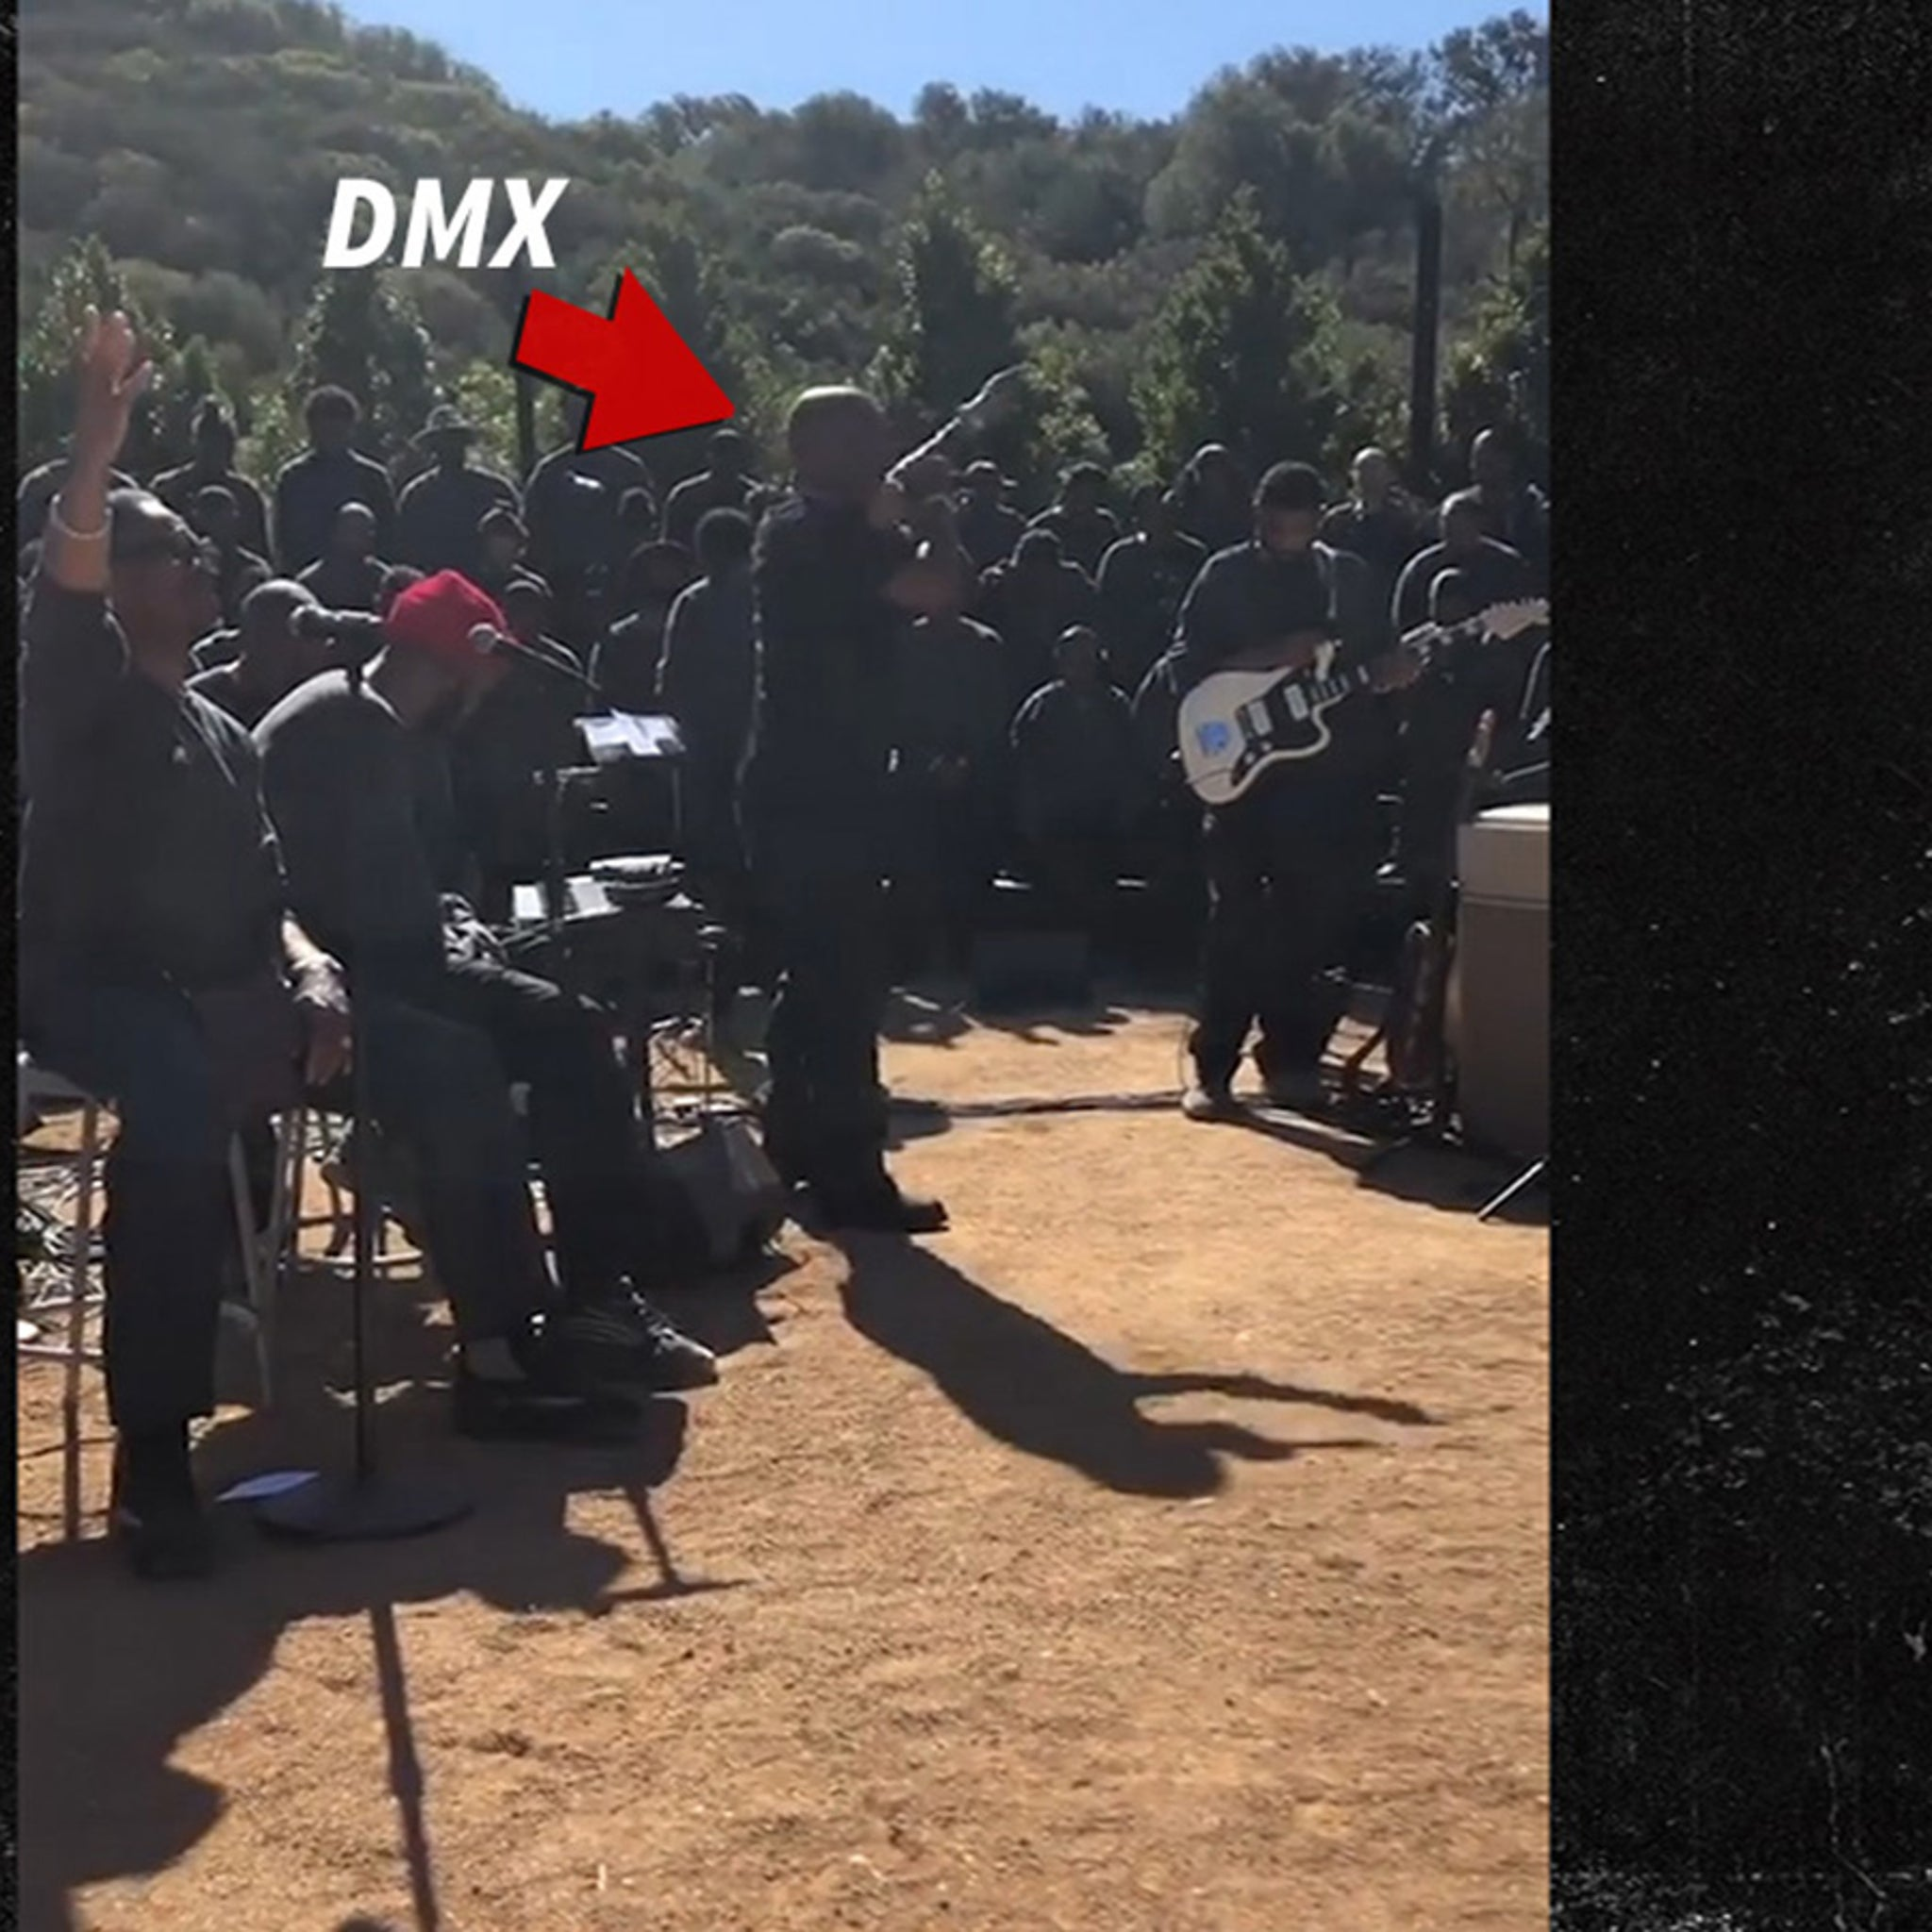 43b85dfb0d74 DMX Kicks Off Kanye's Latest Sunday Service with a Prayer